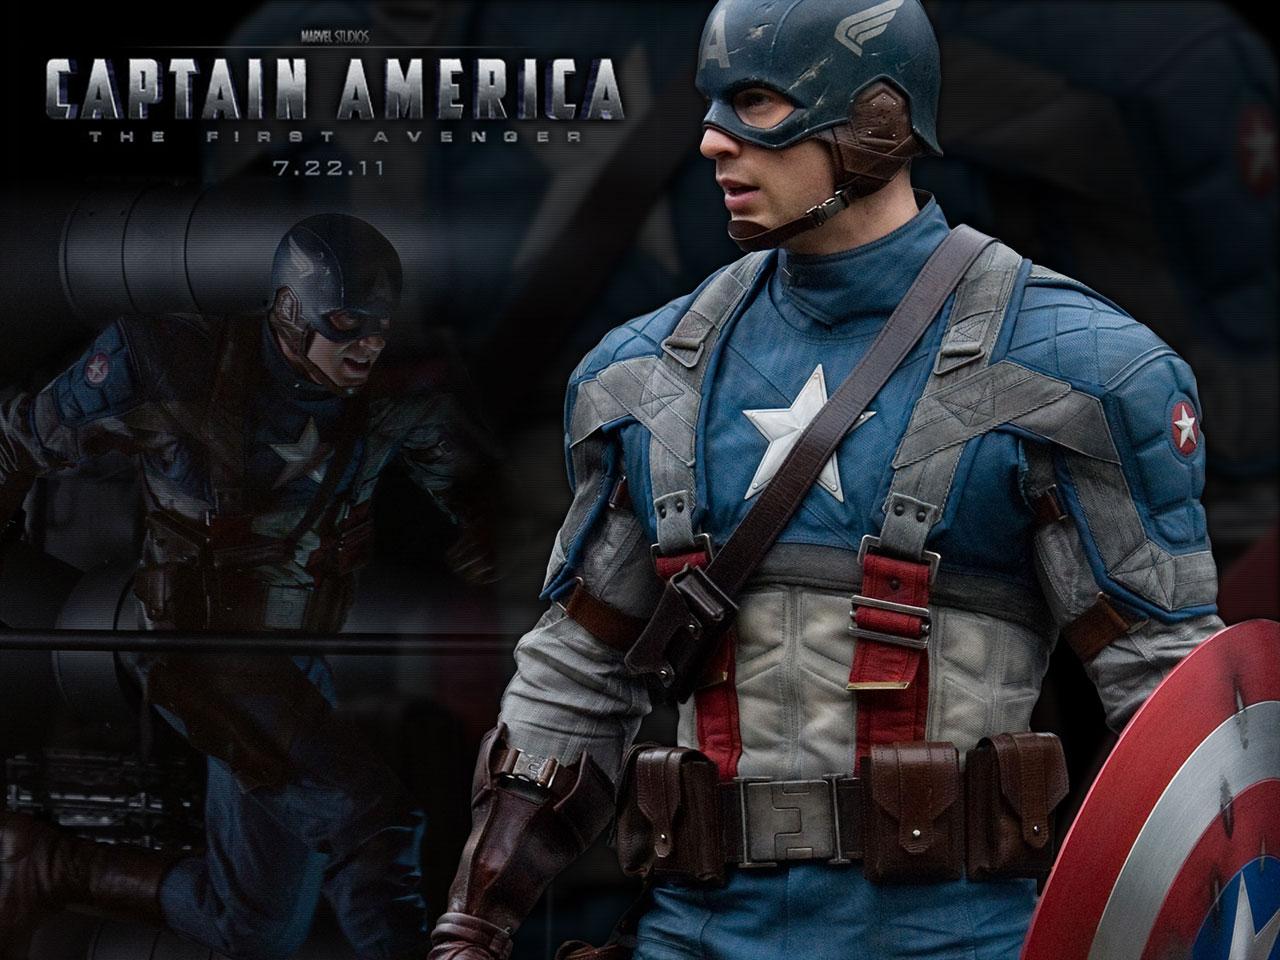 http://2.bp.blogspot.com/-j55TKbequig/Tqq1HGk99iI/AAAAAAAAAGU/hZF34o0pr8s/s1600/Captain%2Bamerica%2Bwallpaper%2B2.jpg